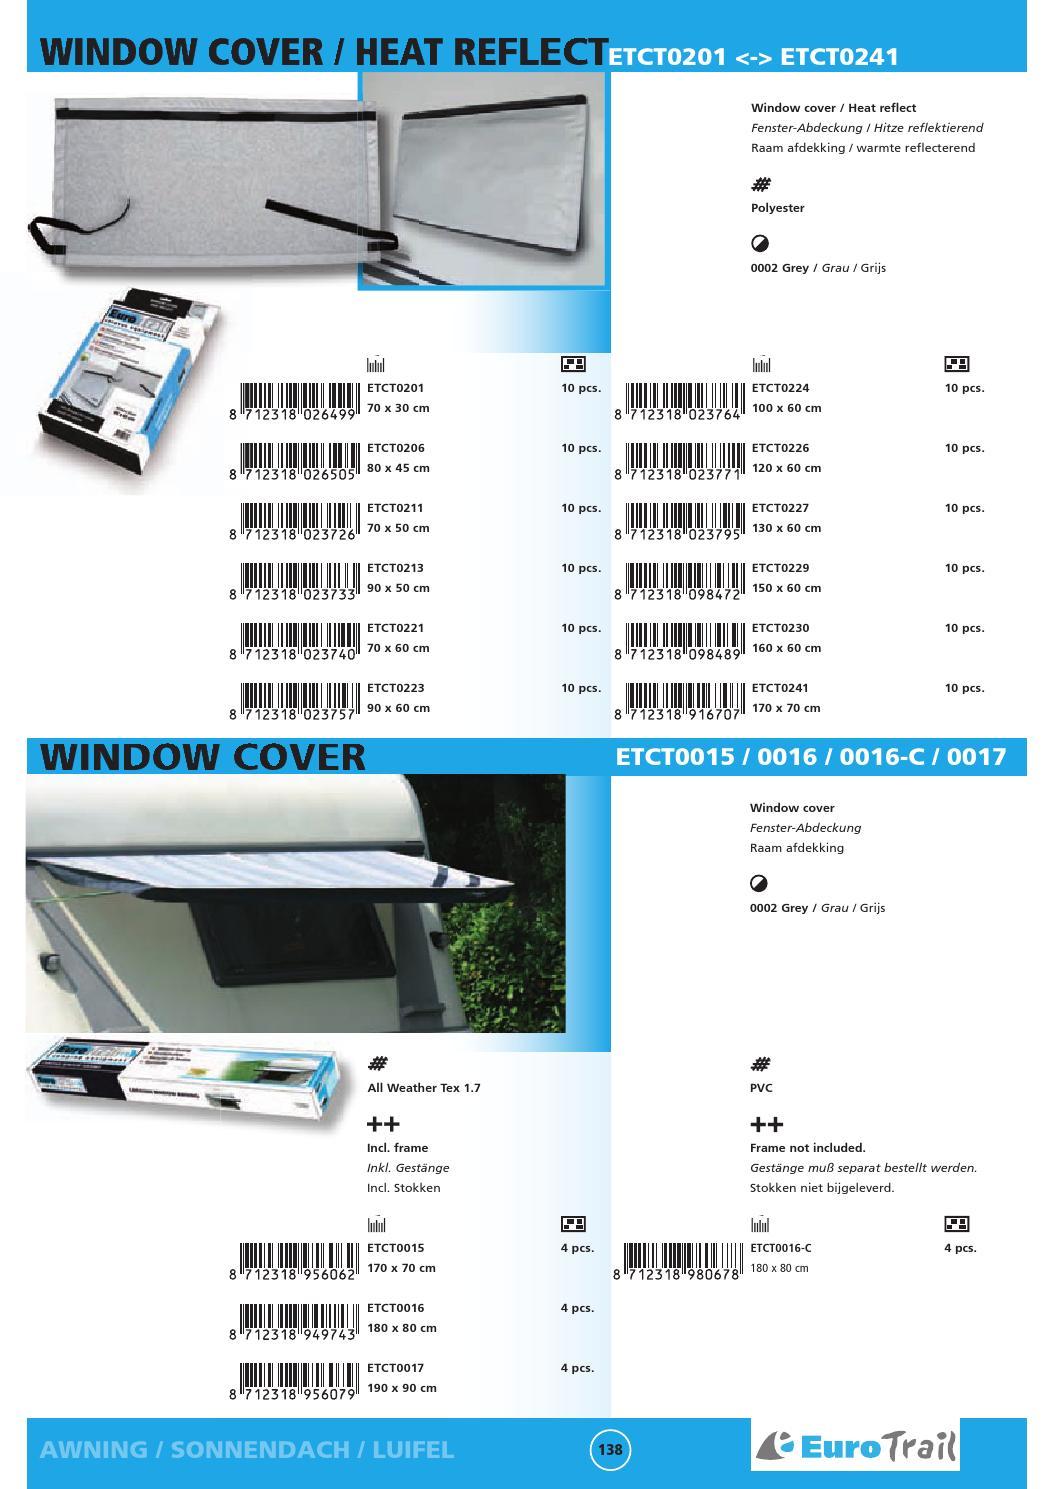 2015 /& T6 2015 Just Kampers Windschutzscheiben-Abdeckung staub- und wasserbest/ändig kompatibel mit T5 2003 Frost Eis UV- Silber Sonne thermisches Rollo f/ür Schnee